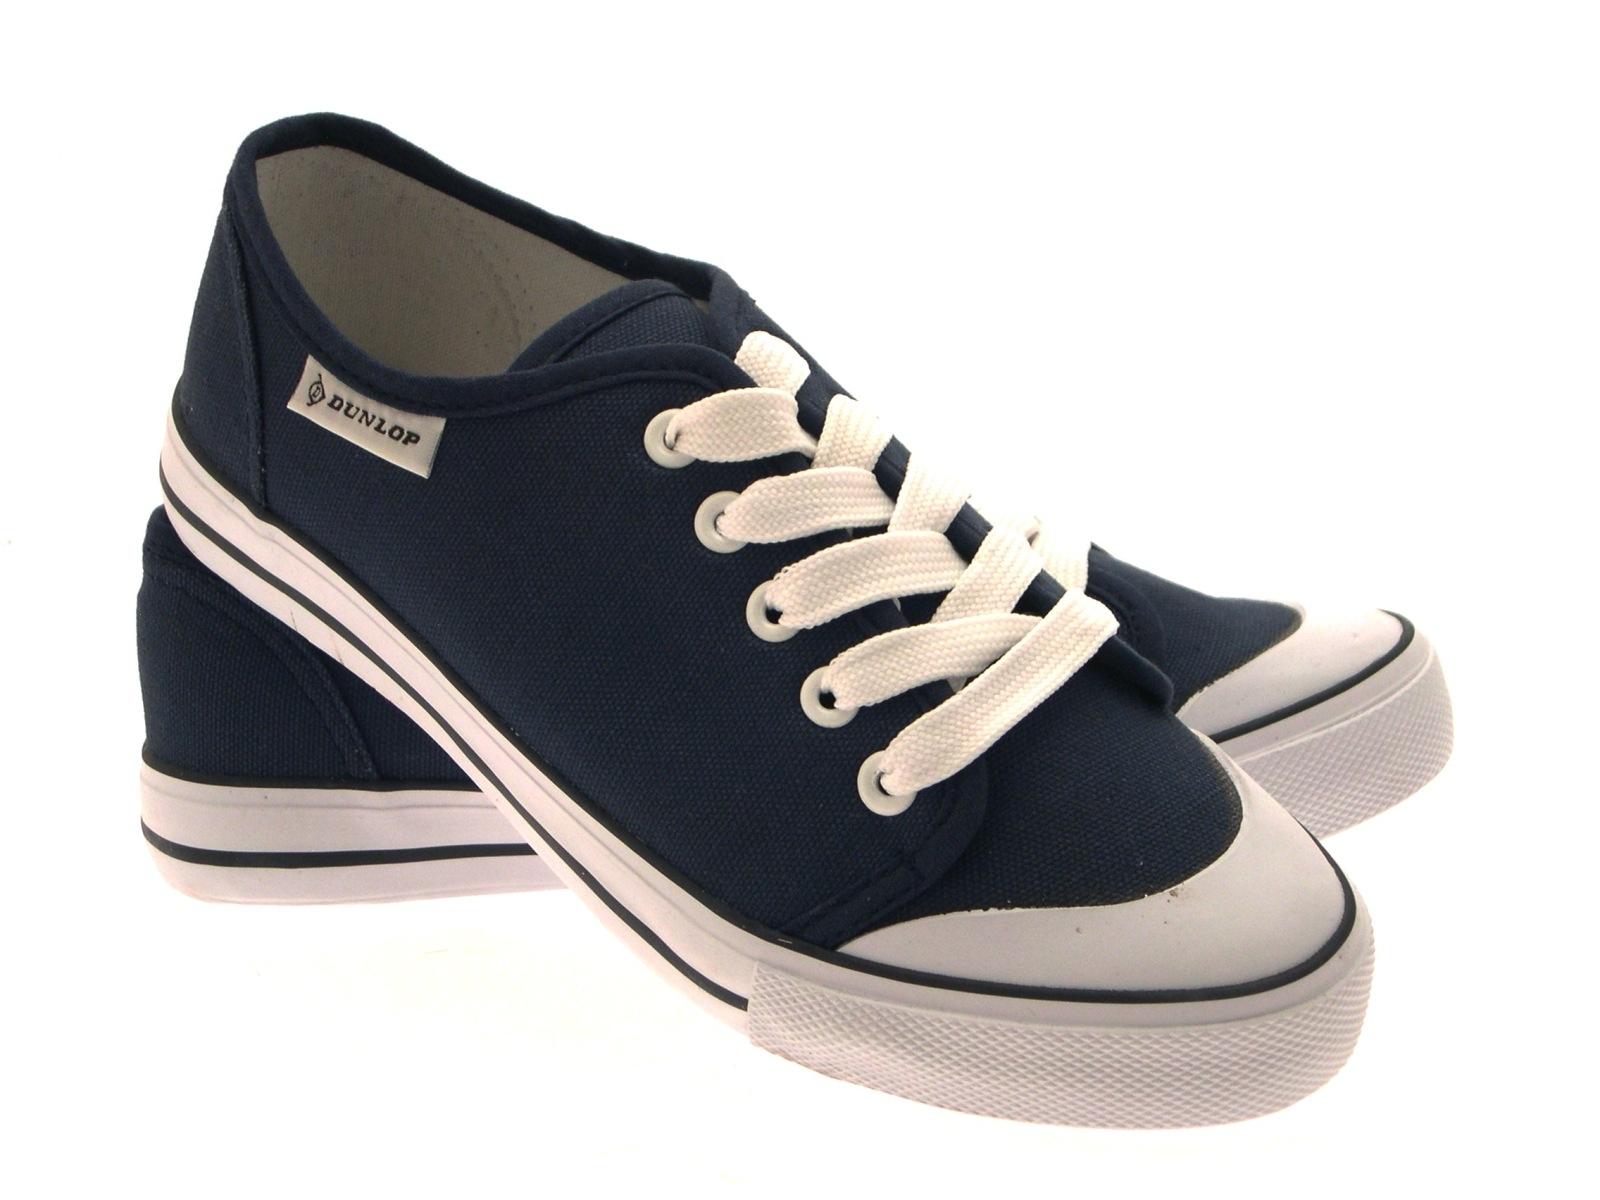 Dunlop Canvas Shoes